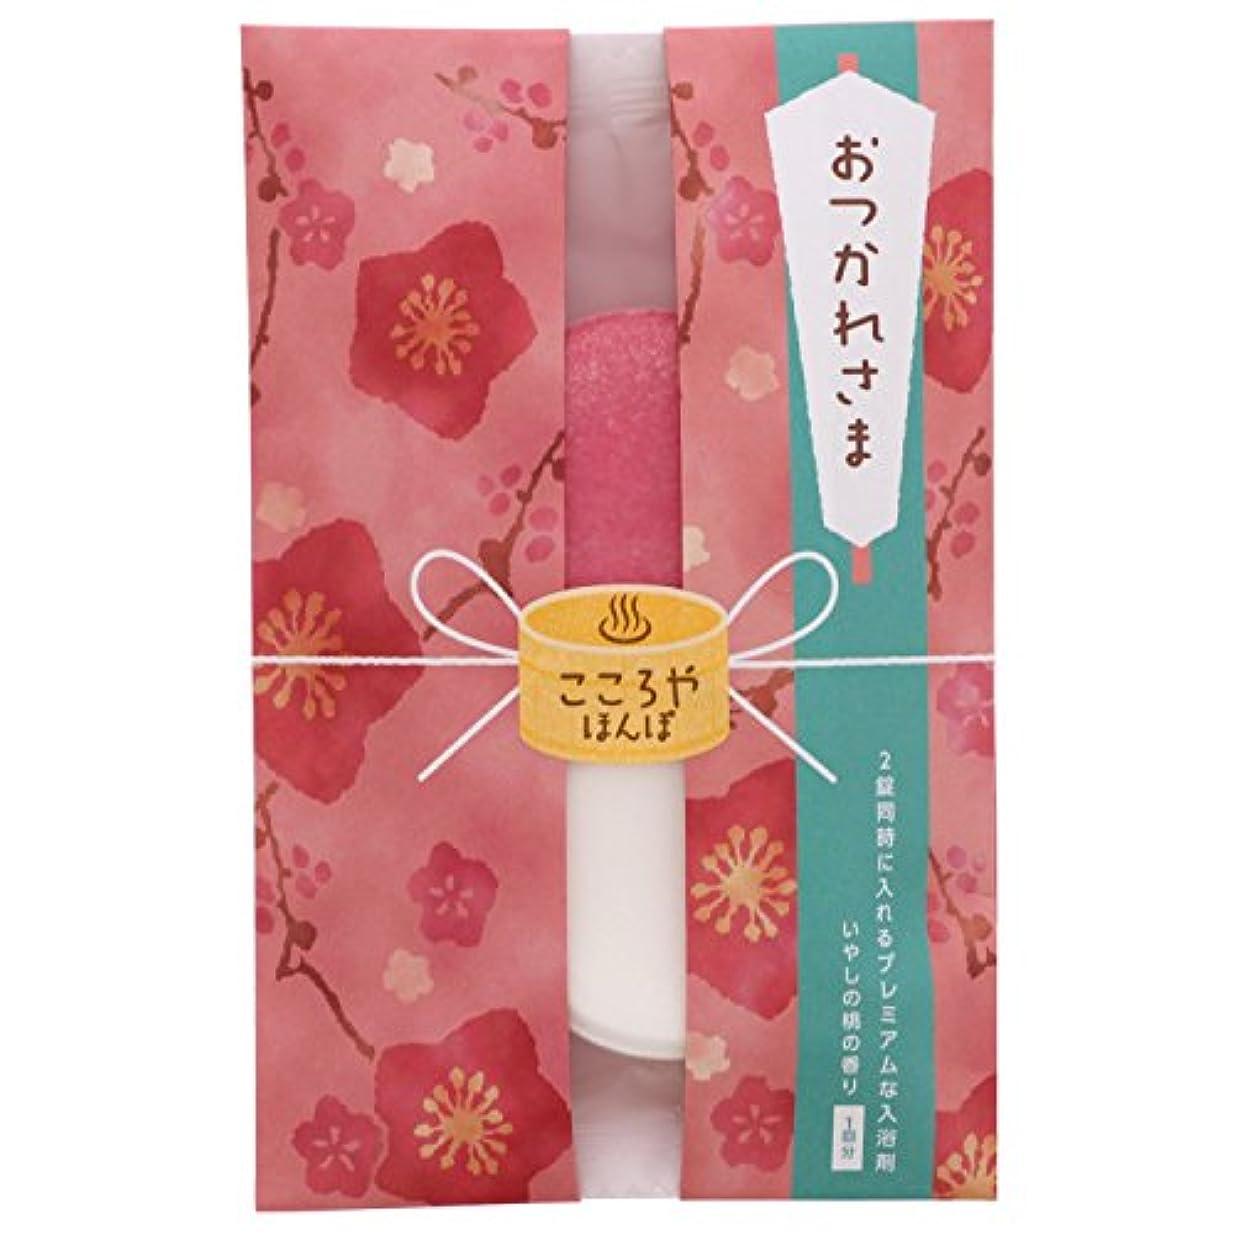 怒り気分が良いささやきこころやほんぽ カジュアルギフト 入浴剤 おつかれさま 桃の香り 50g